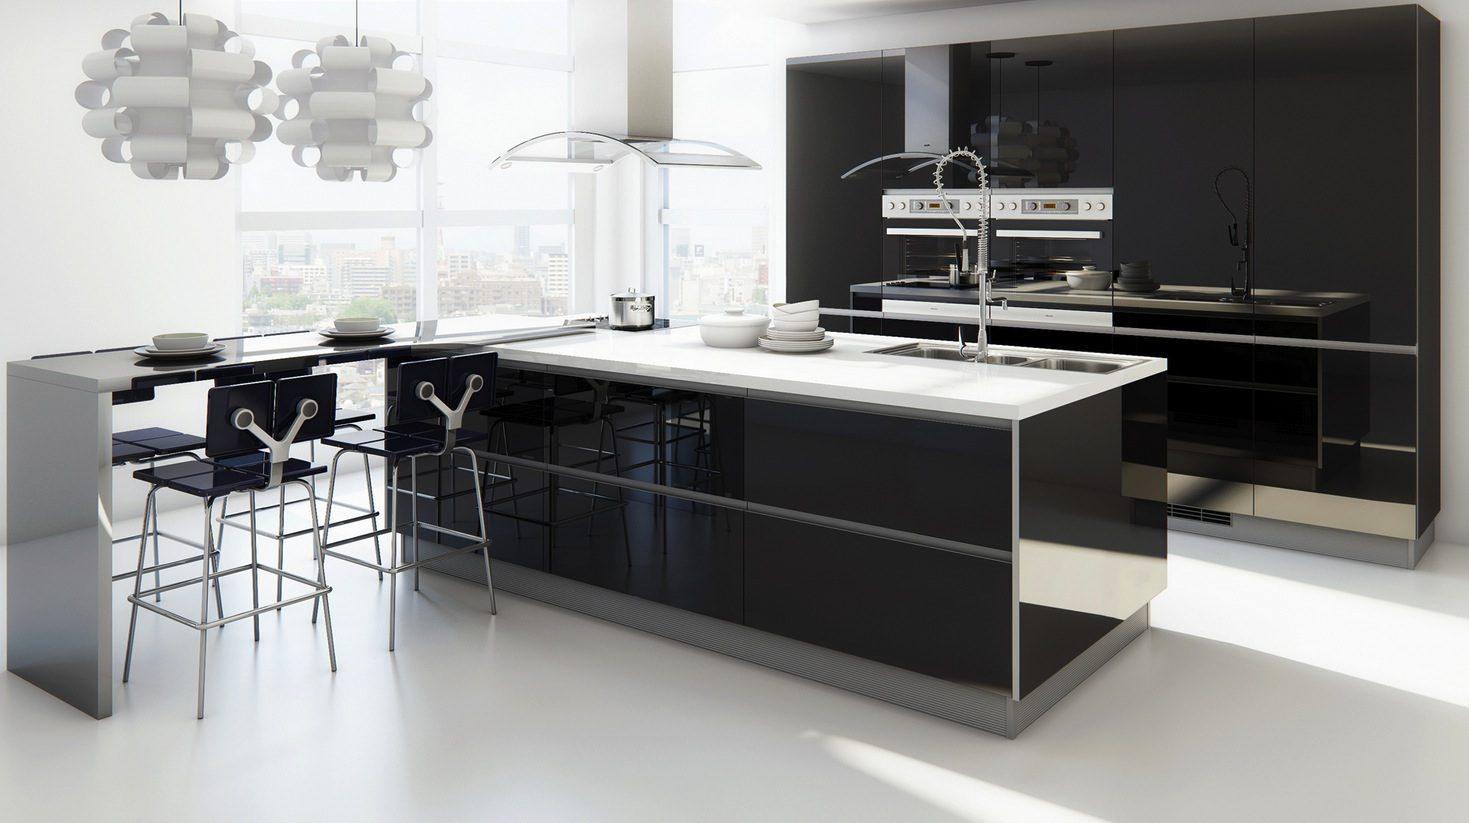 Muebles de cocina modernos sin tiradores for Muebles comodas modernas